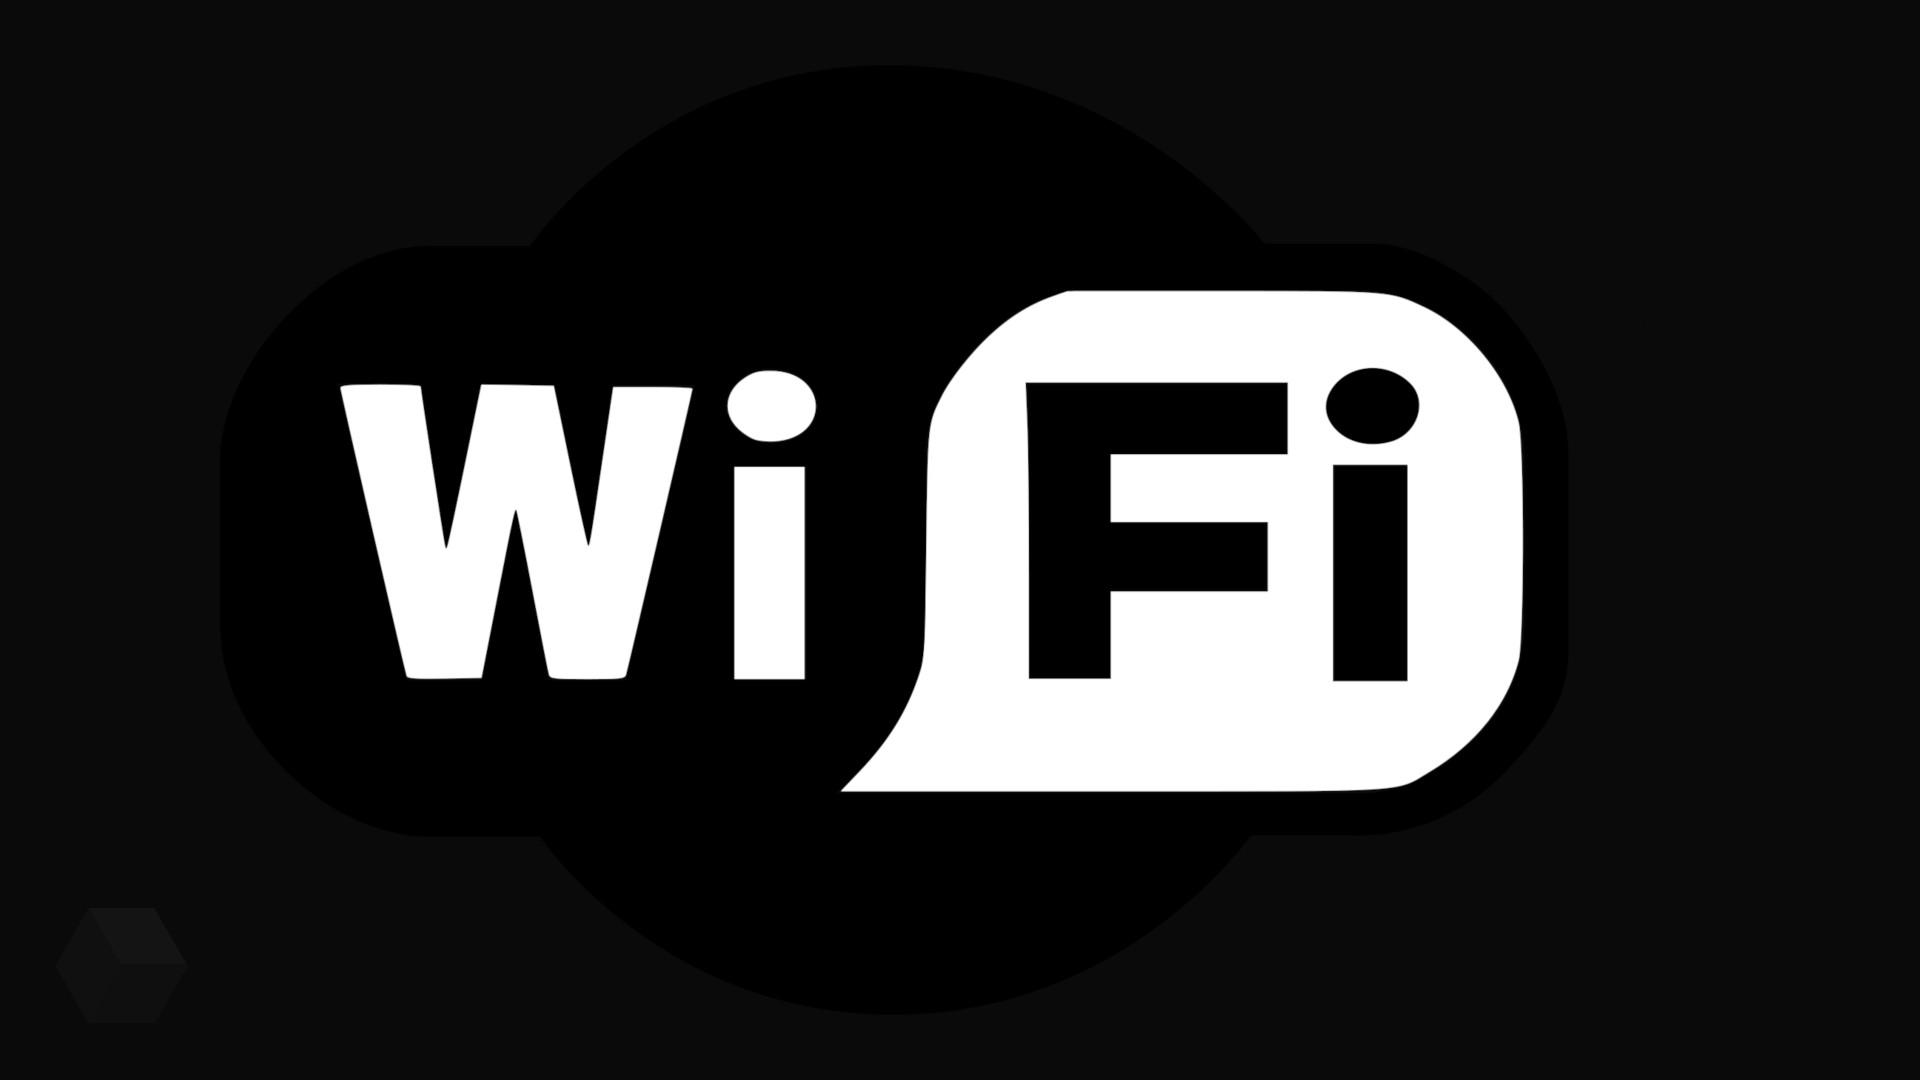 Cтандарты Wi-Fi теперь называются проще